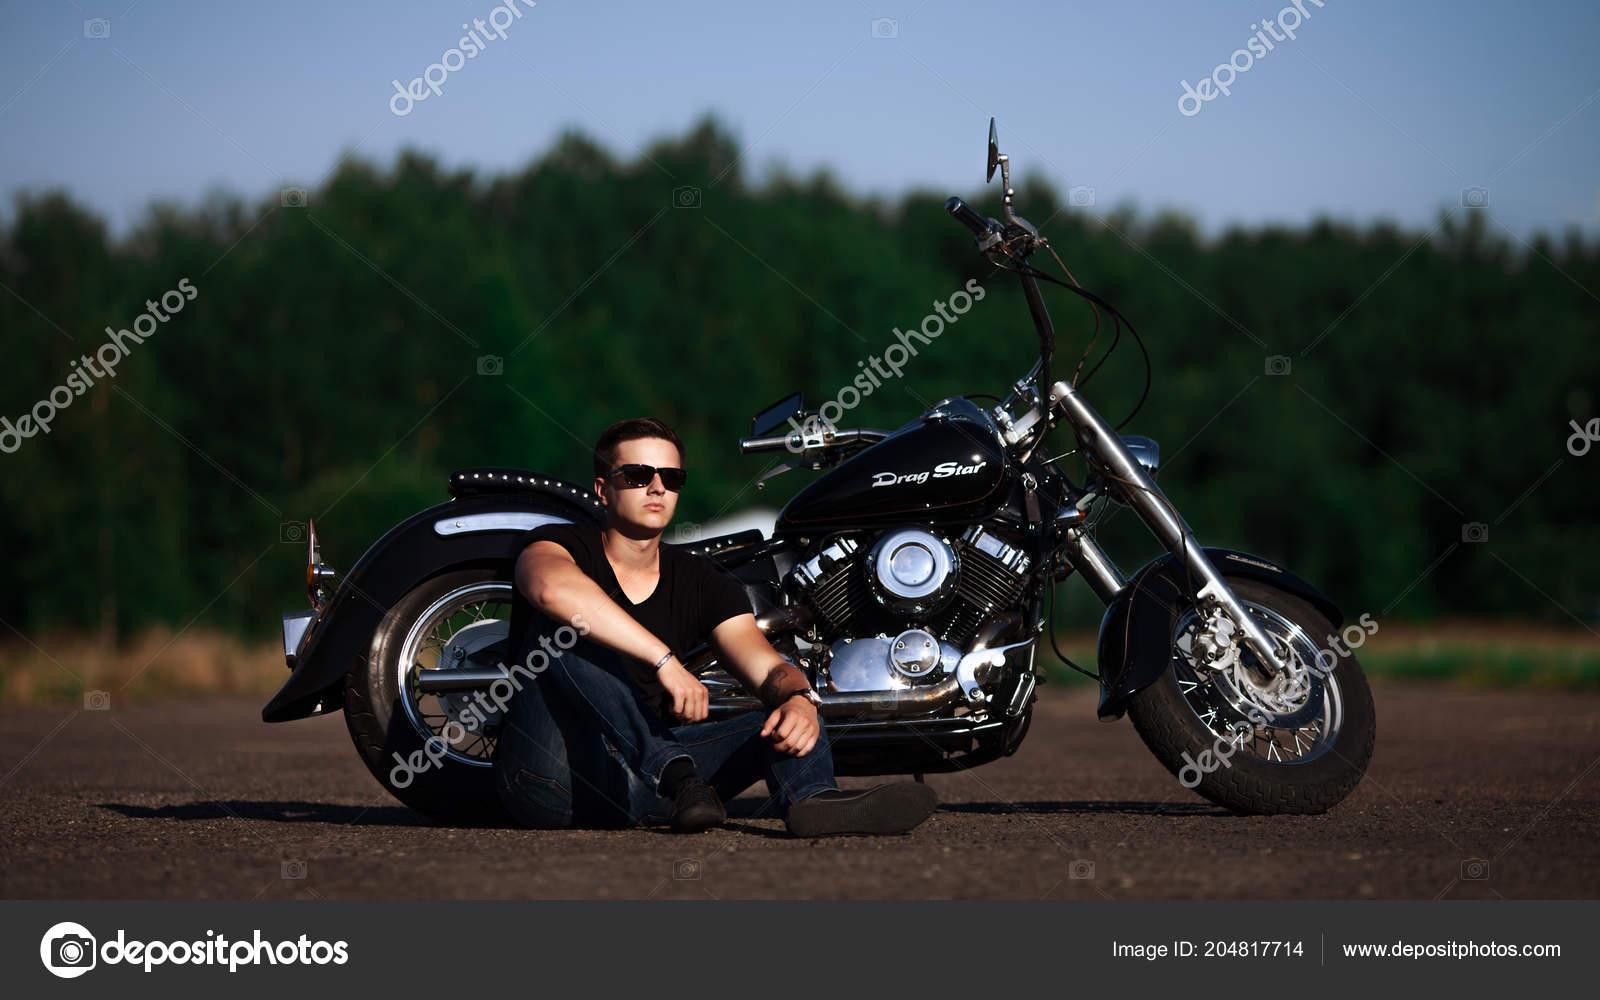 b9b7167039 Hombre guapo motero en copas sentado en su moto. Fondo de camino de campo —